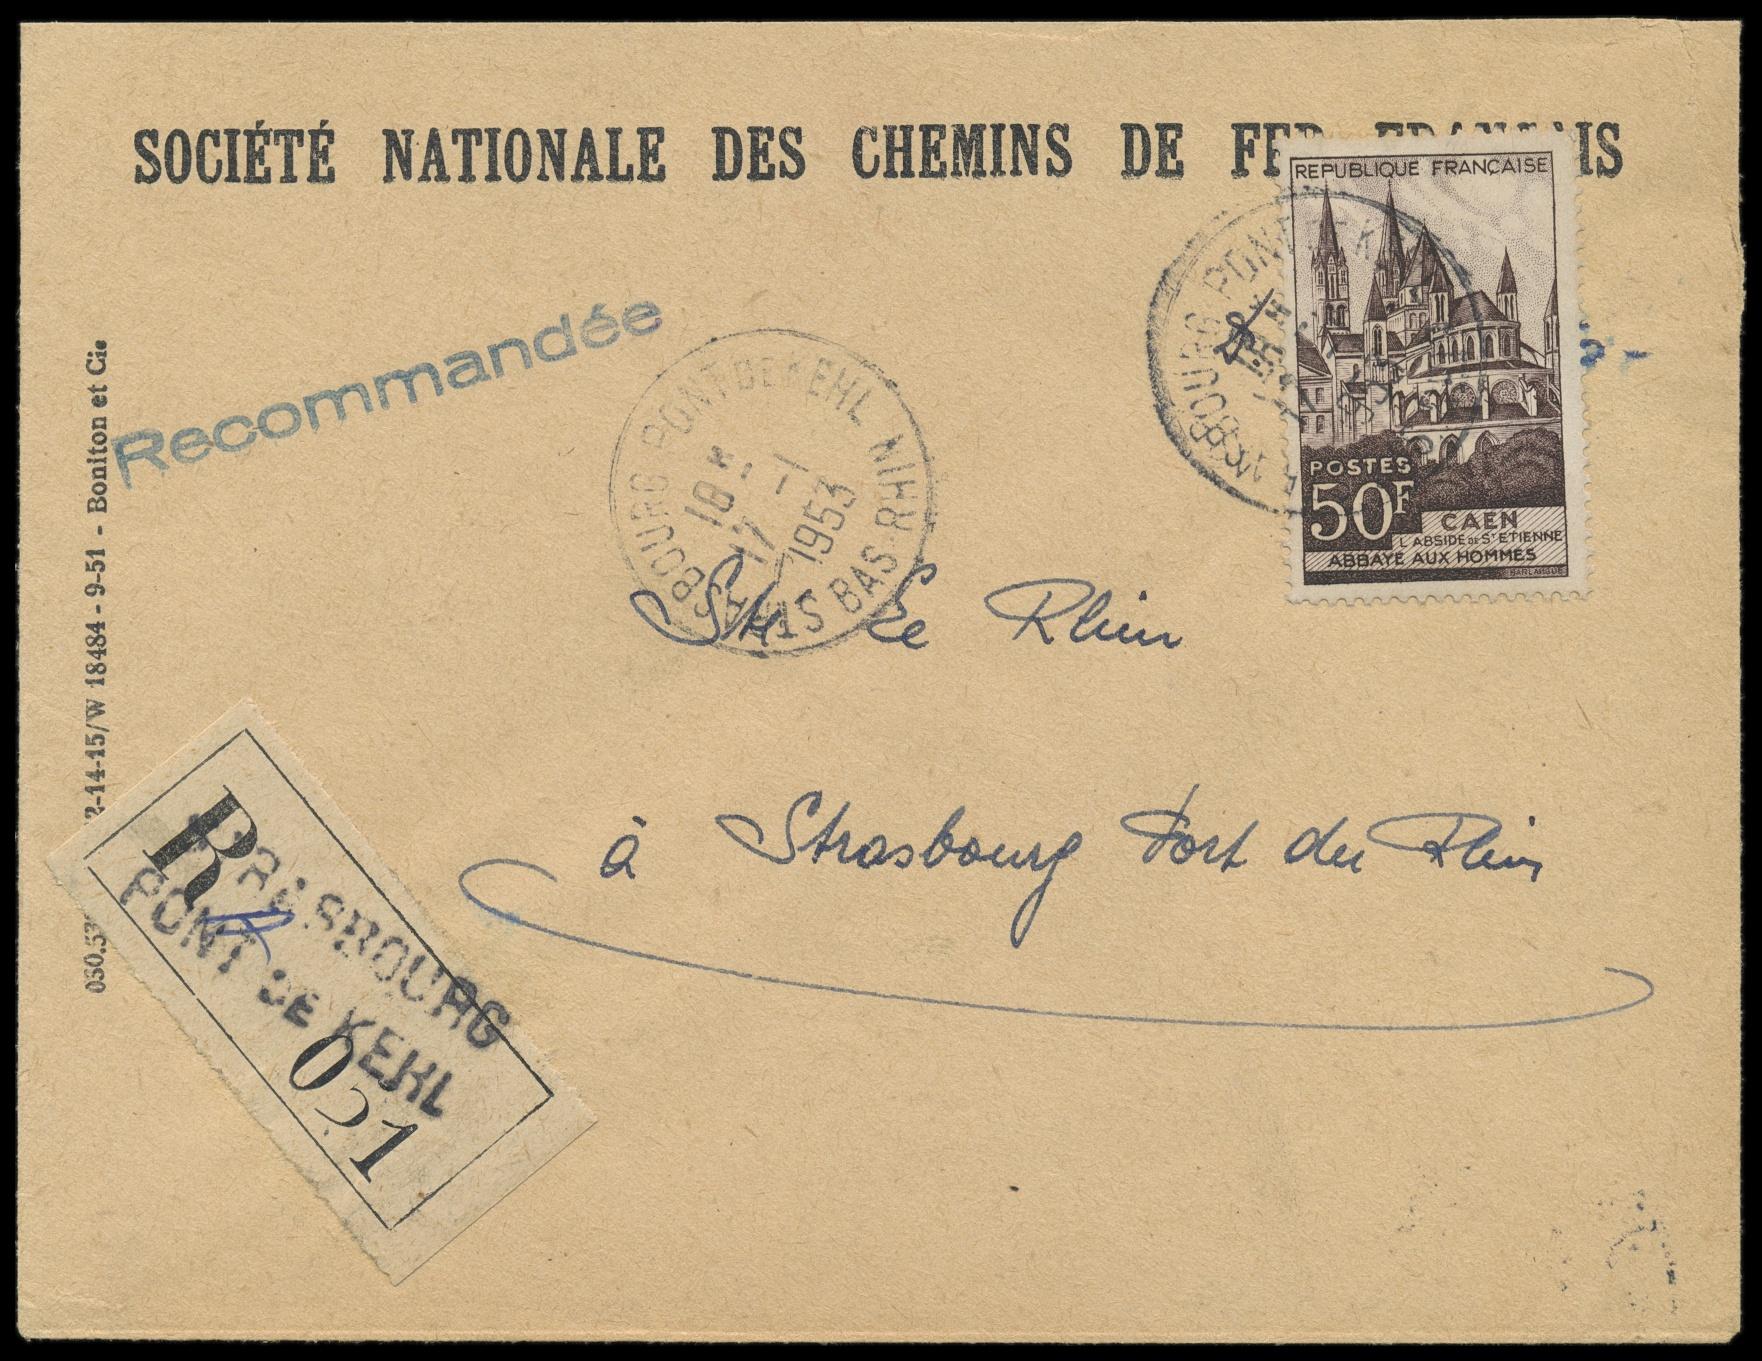 Lot 5414 - Main catalogue bundesrepublik deutschland -  Peter Harlos Auctions 41. Auktion